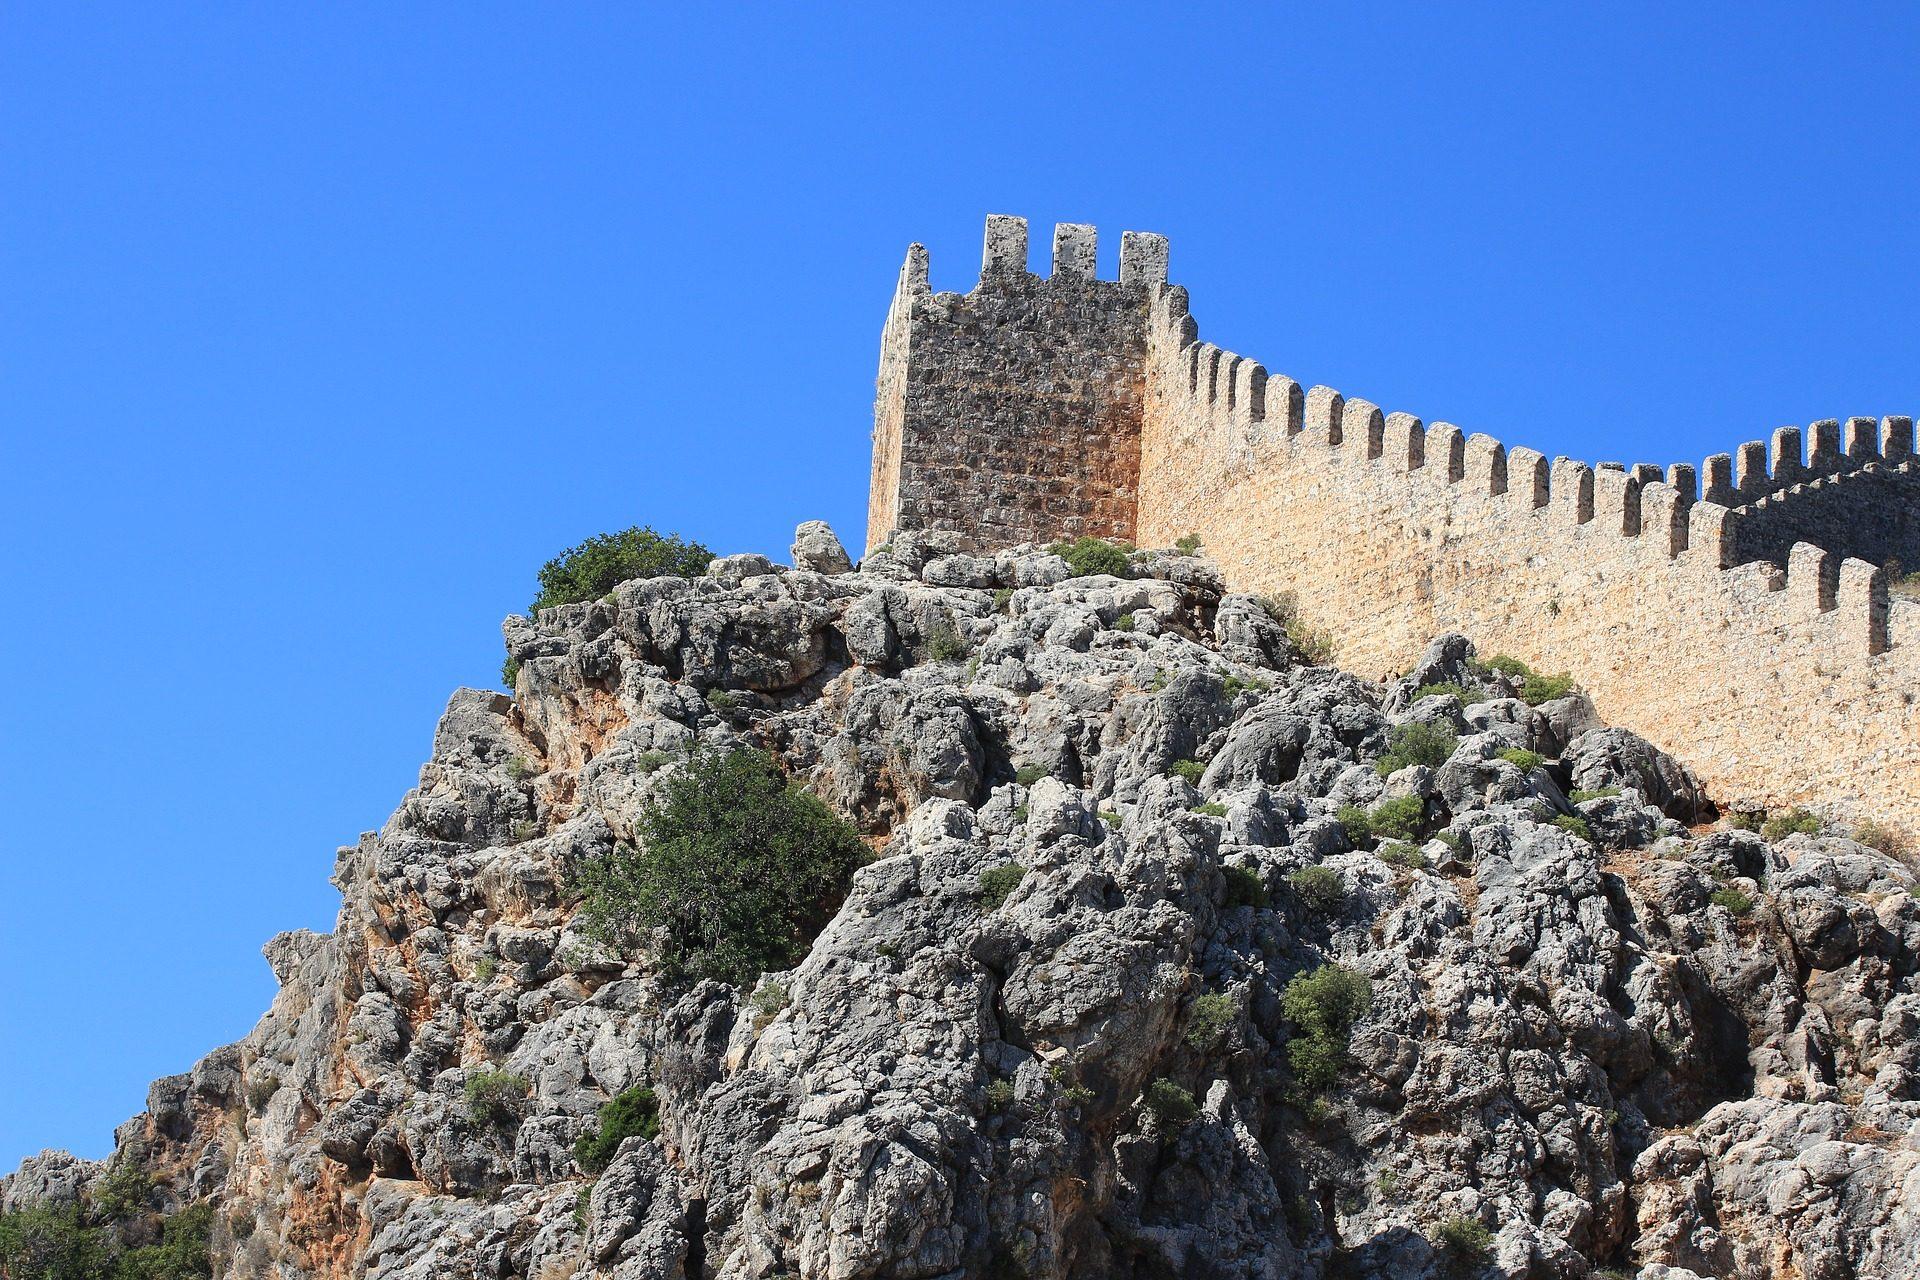 Schloss, Berg, Ruine, Turm, Wand - Wallpaper HD - Prof.-falken.com